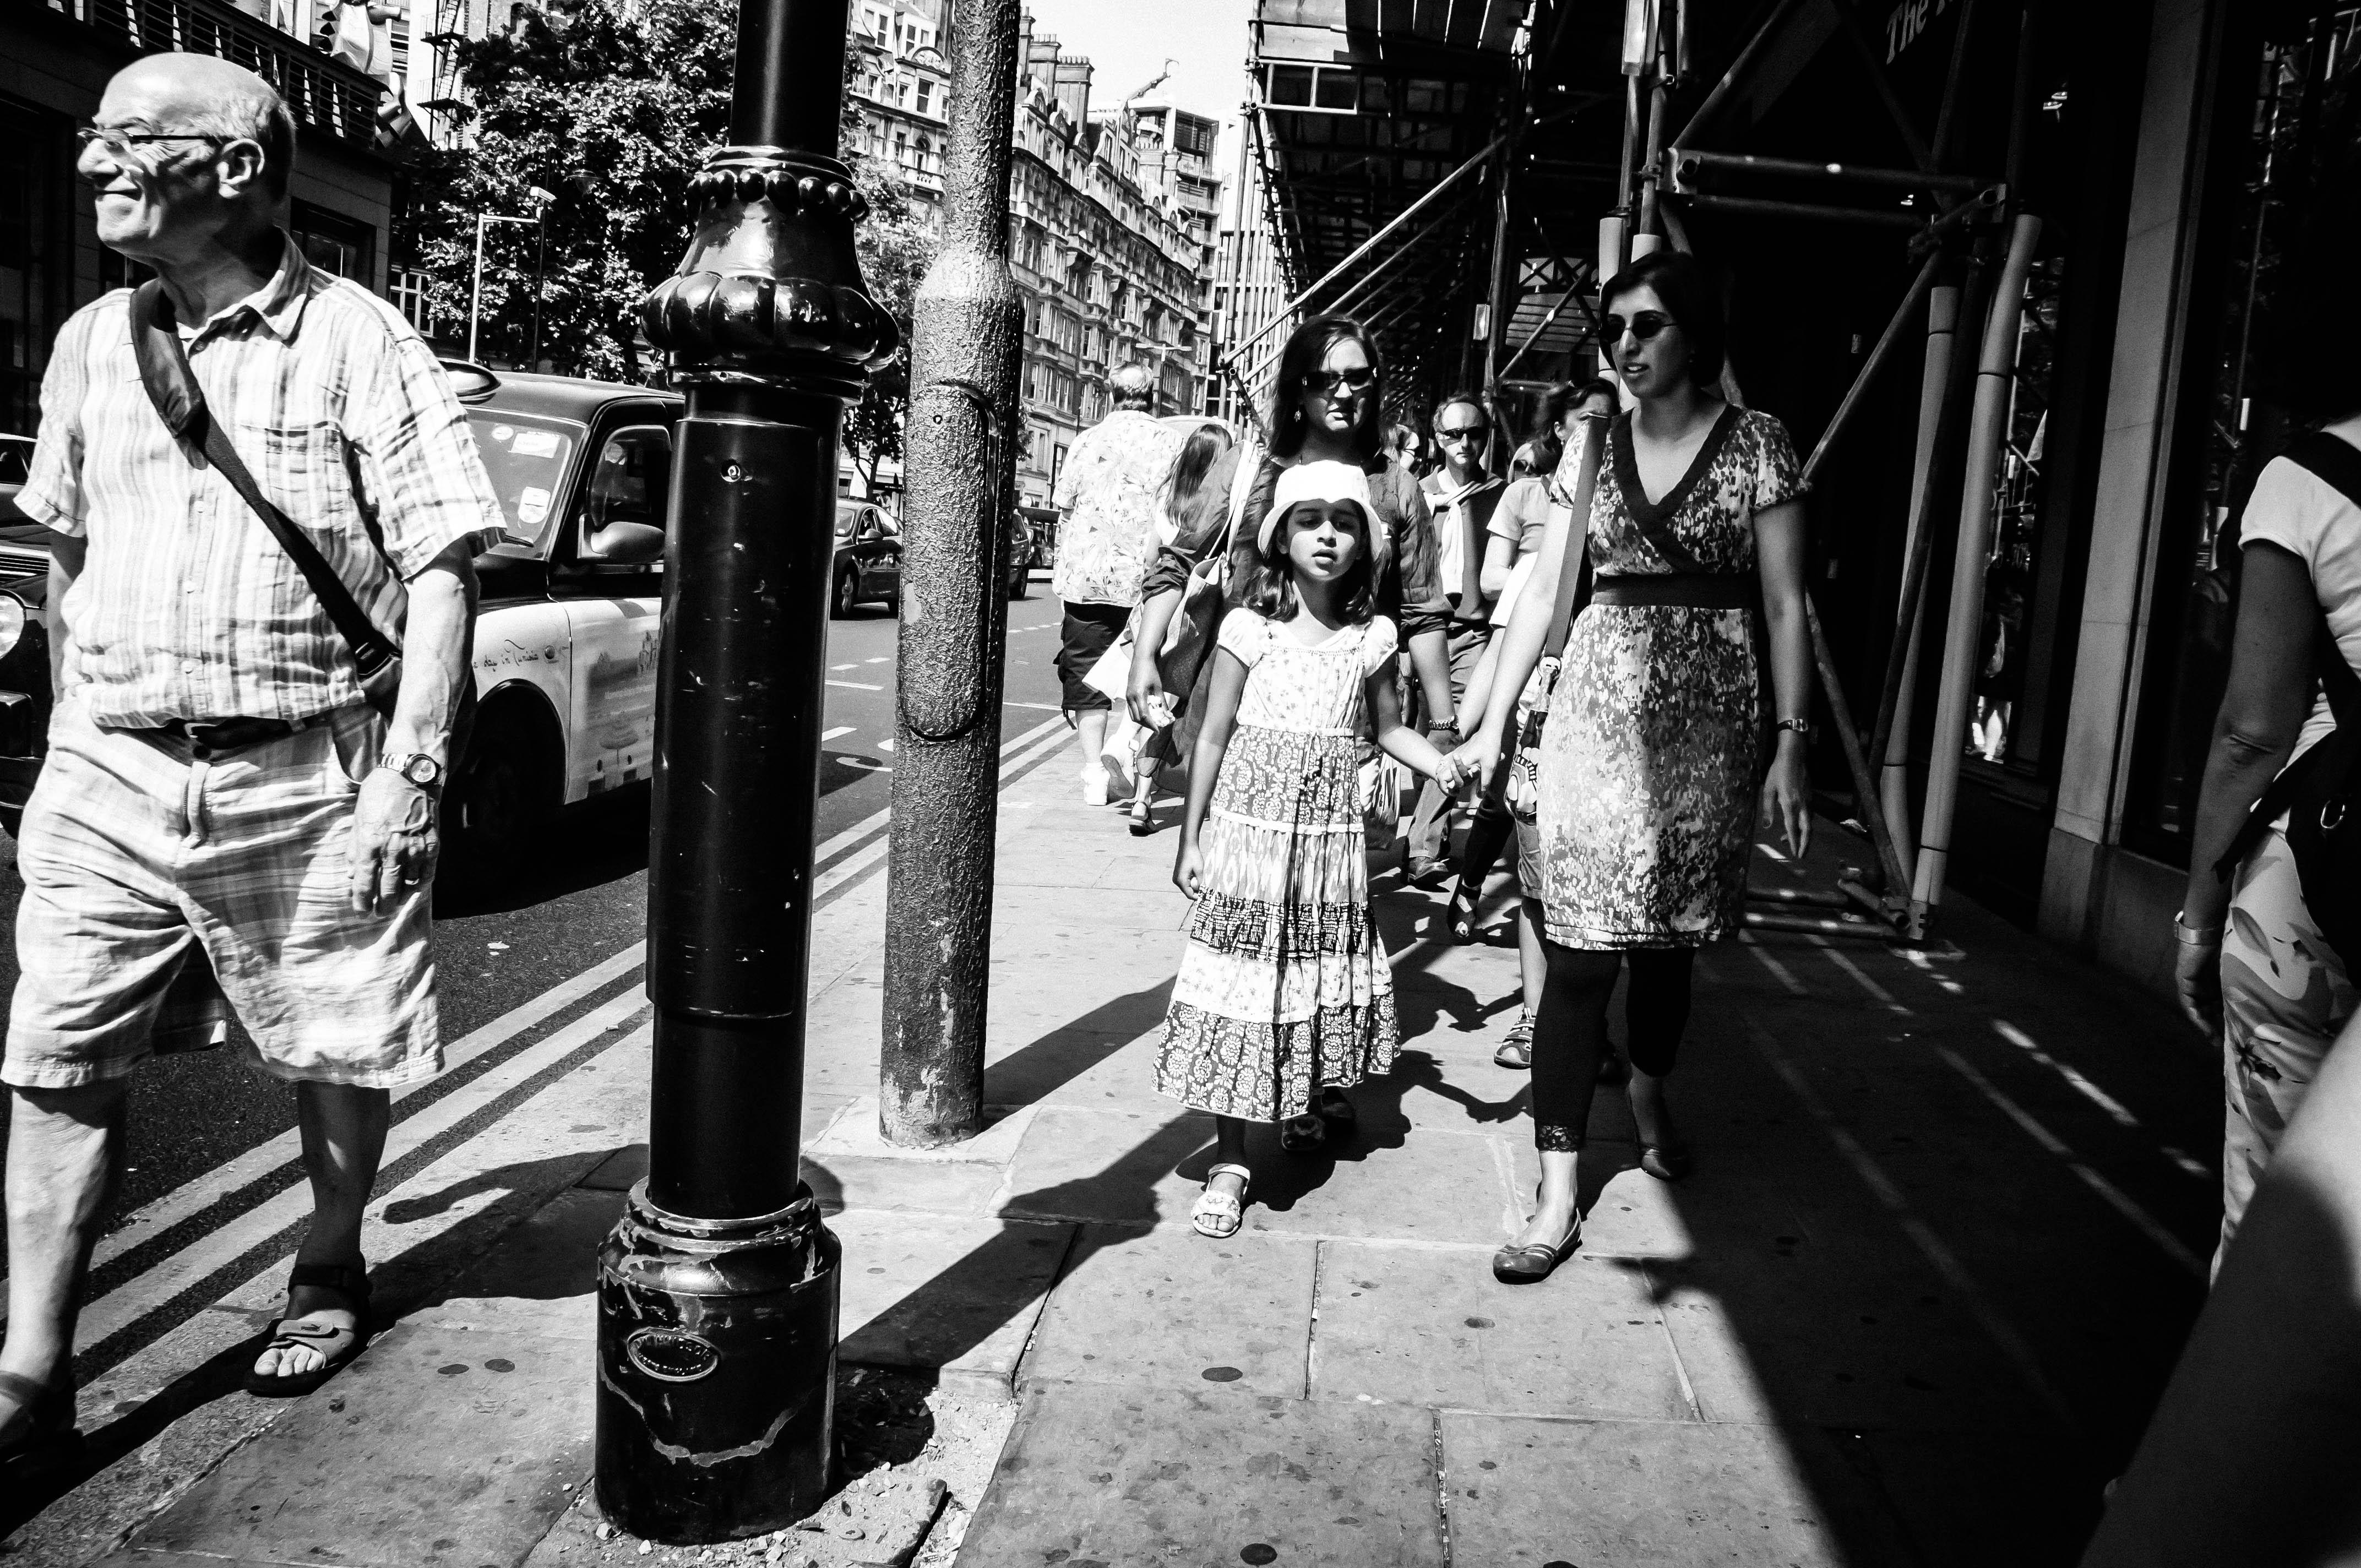 Flickr - Random shooting ; walking